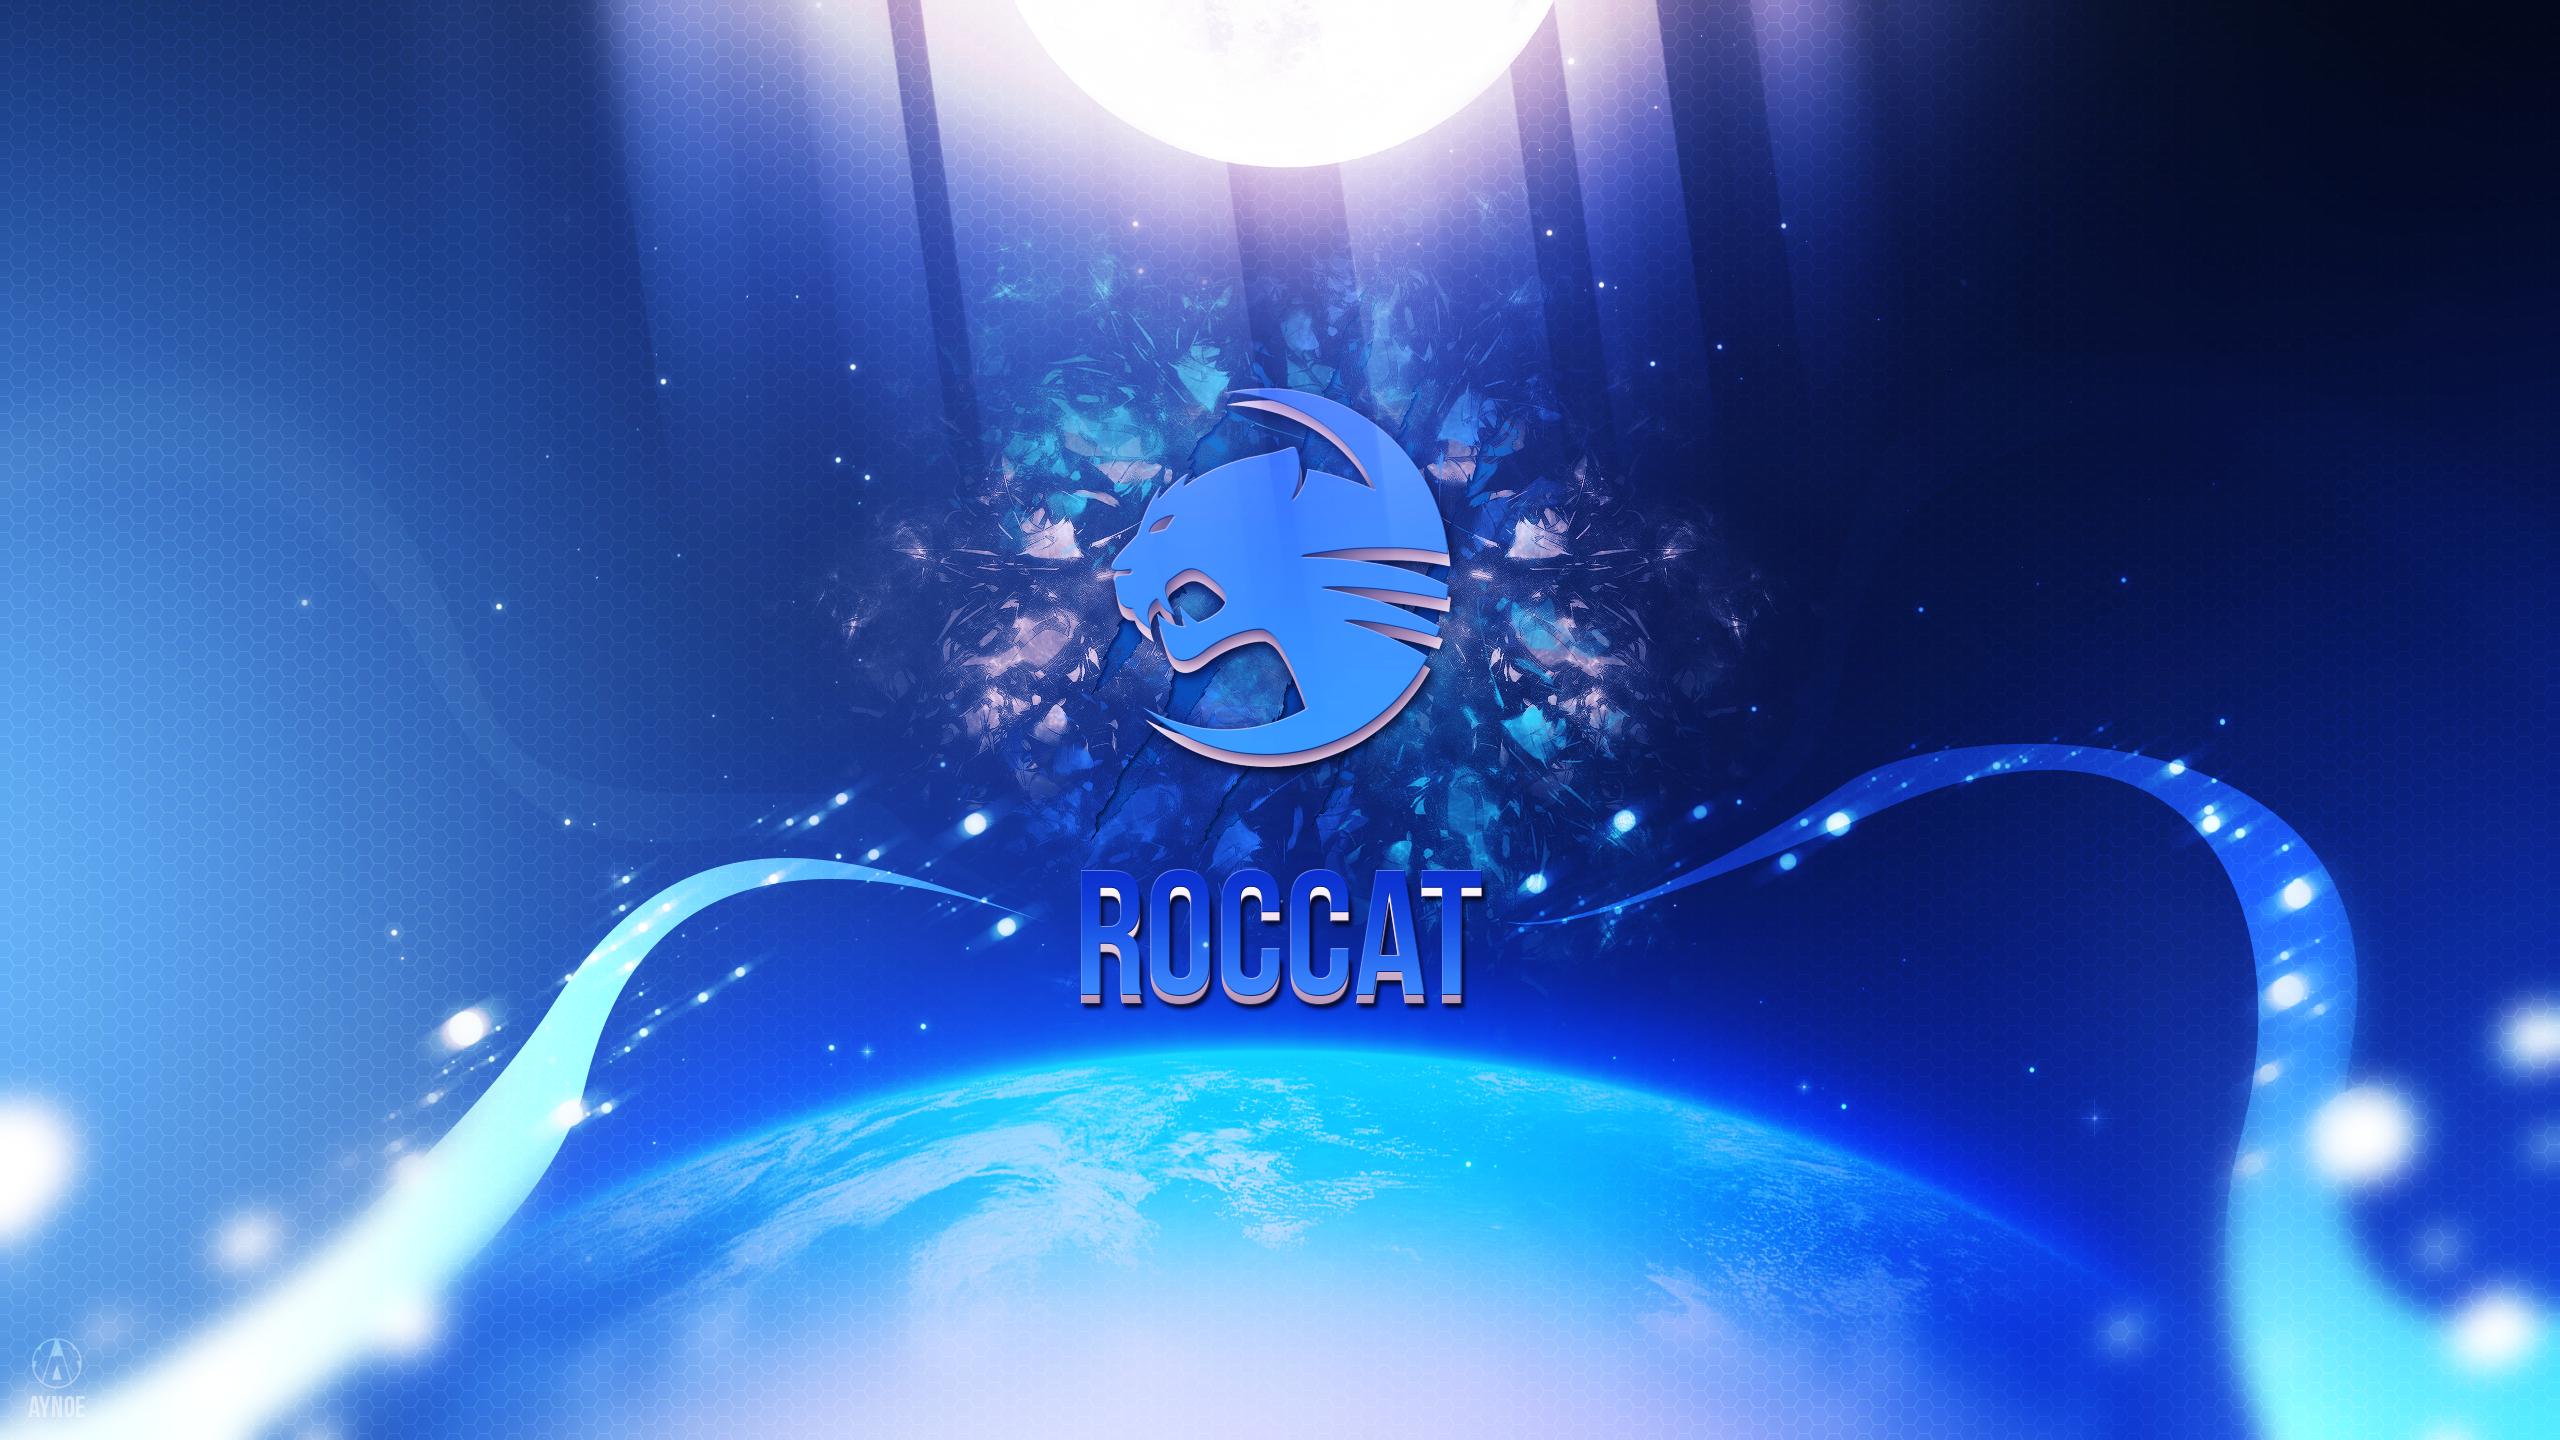 Roccat Wallpaper Logo League Of Legends By Aynoe On Deviantart